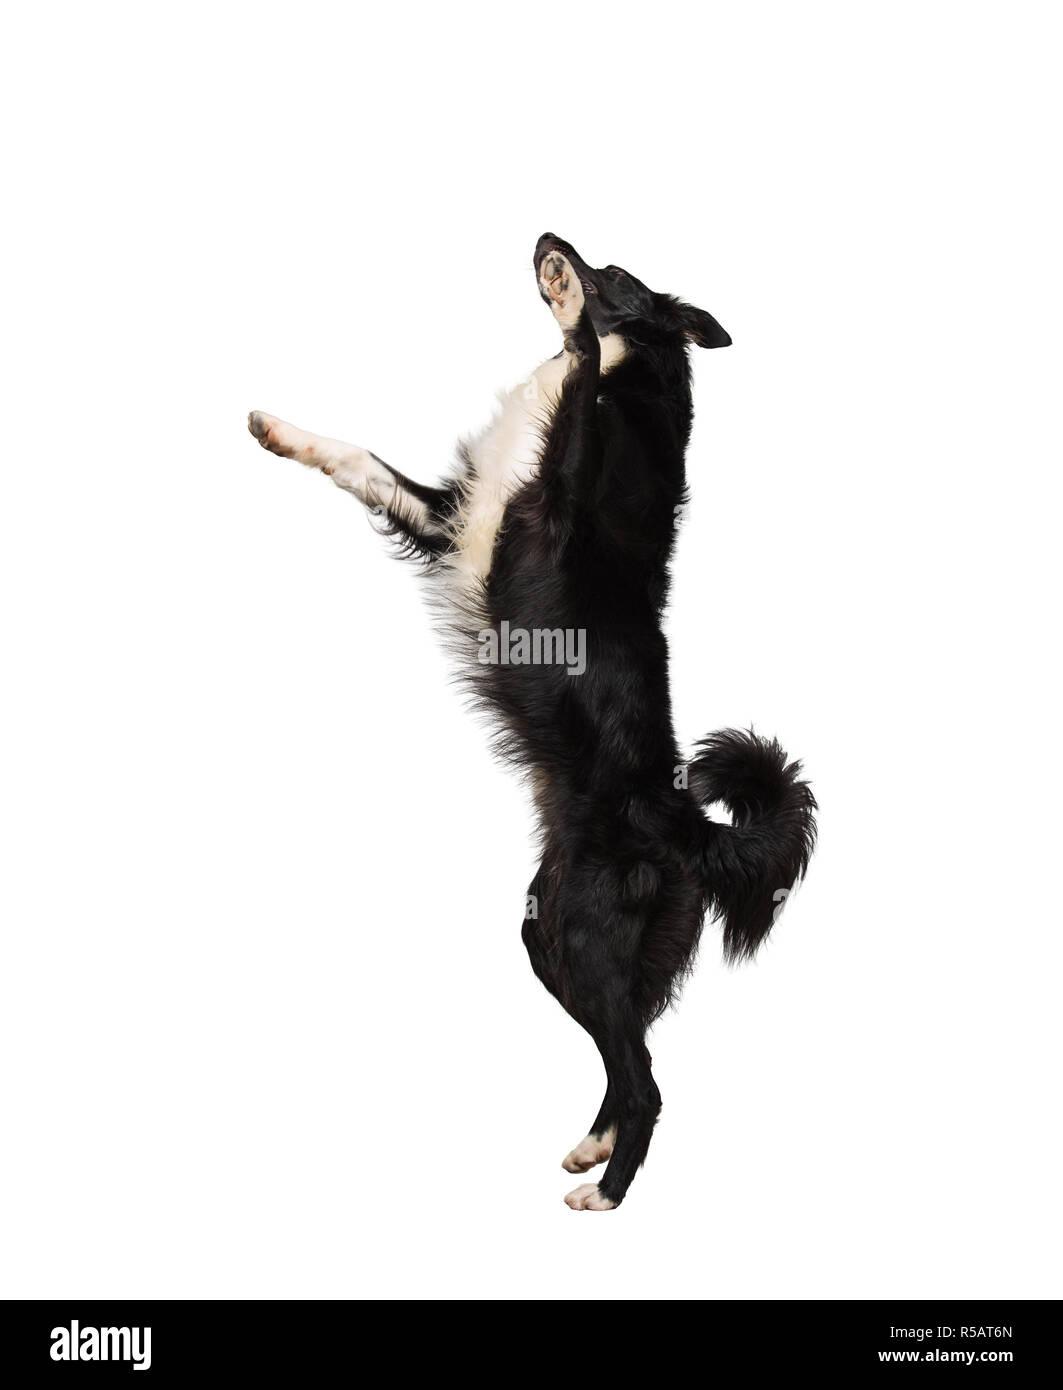 Longueur complète motion portrait du border collie chien de race pure de sauter en l'air sur deux pattes le jeu et le plaisir isolated over white background. Banque D'Images